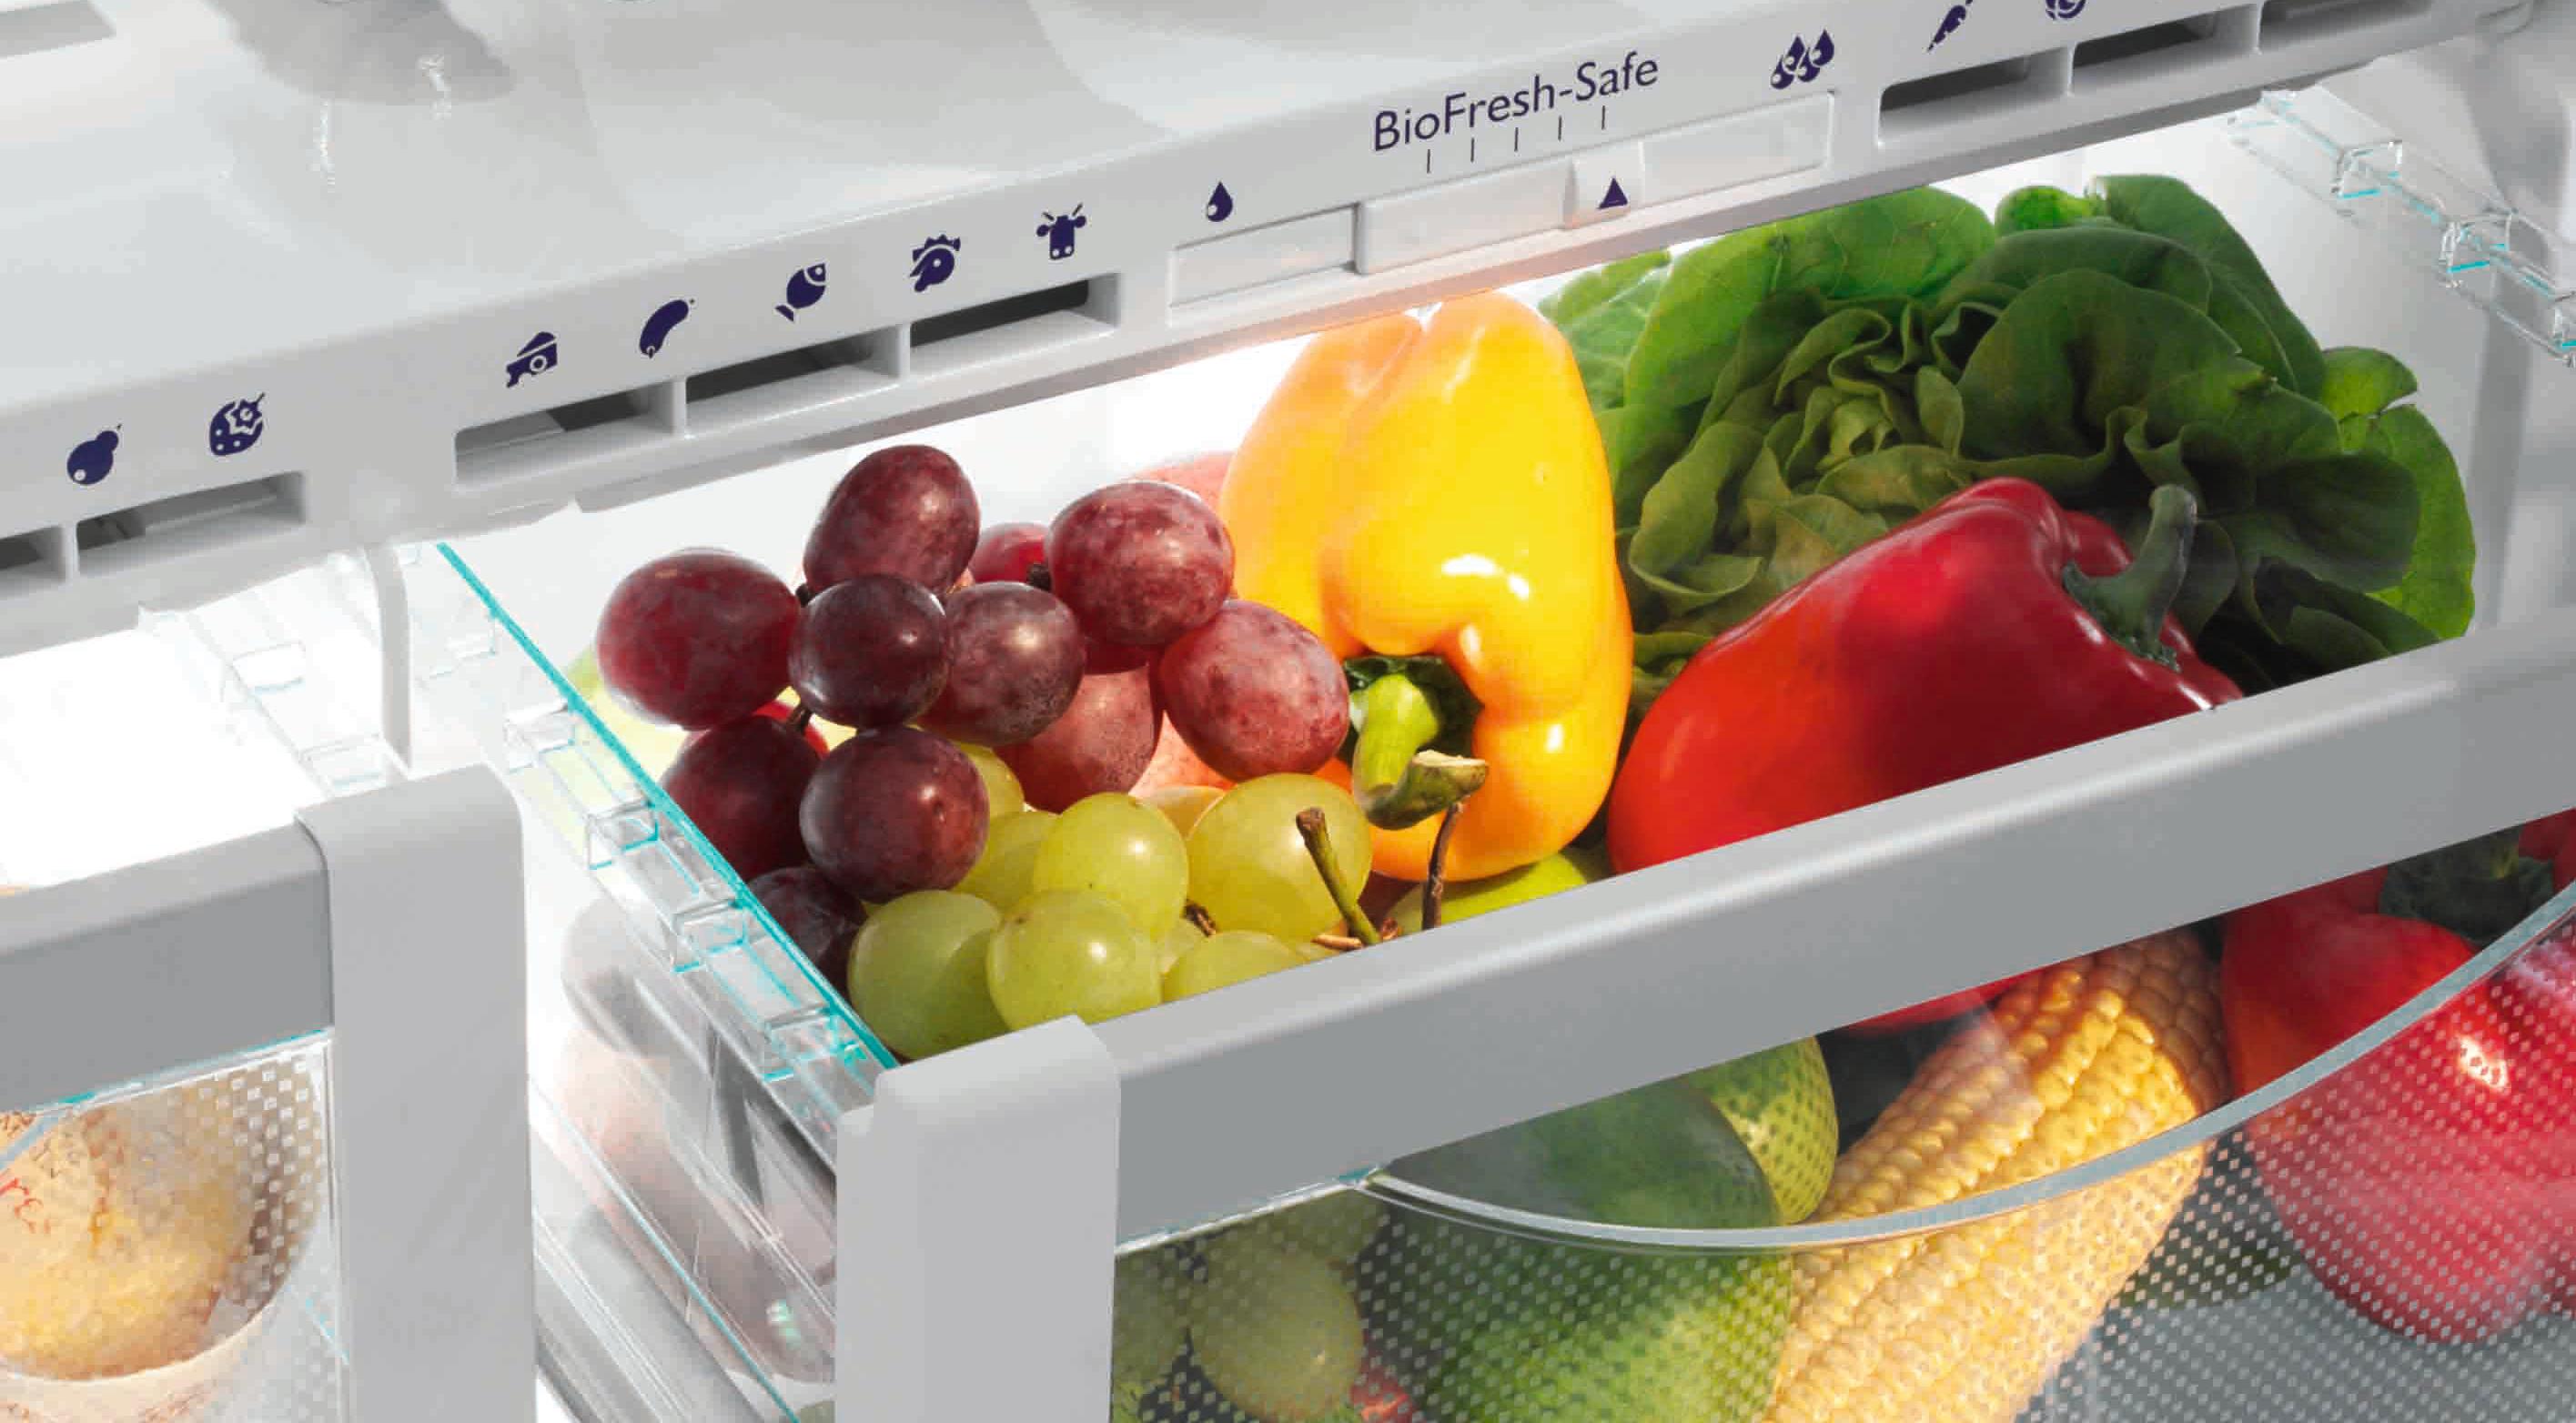 Quali alimenti vegetali si possono conservare in frigo?